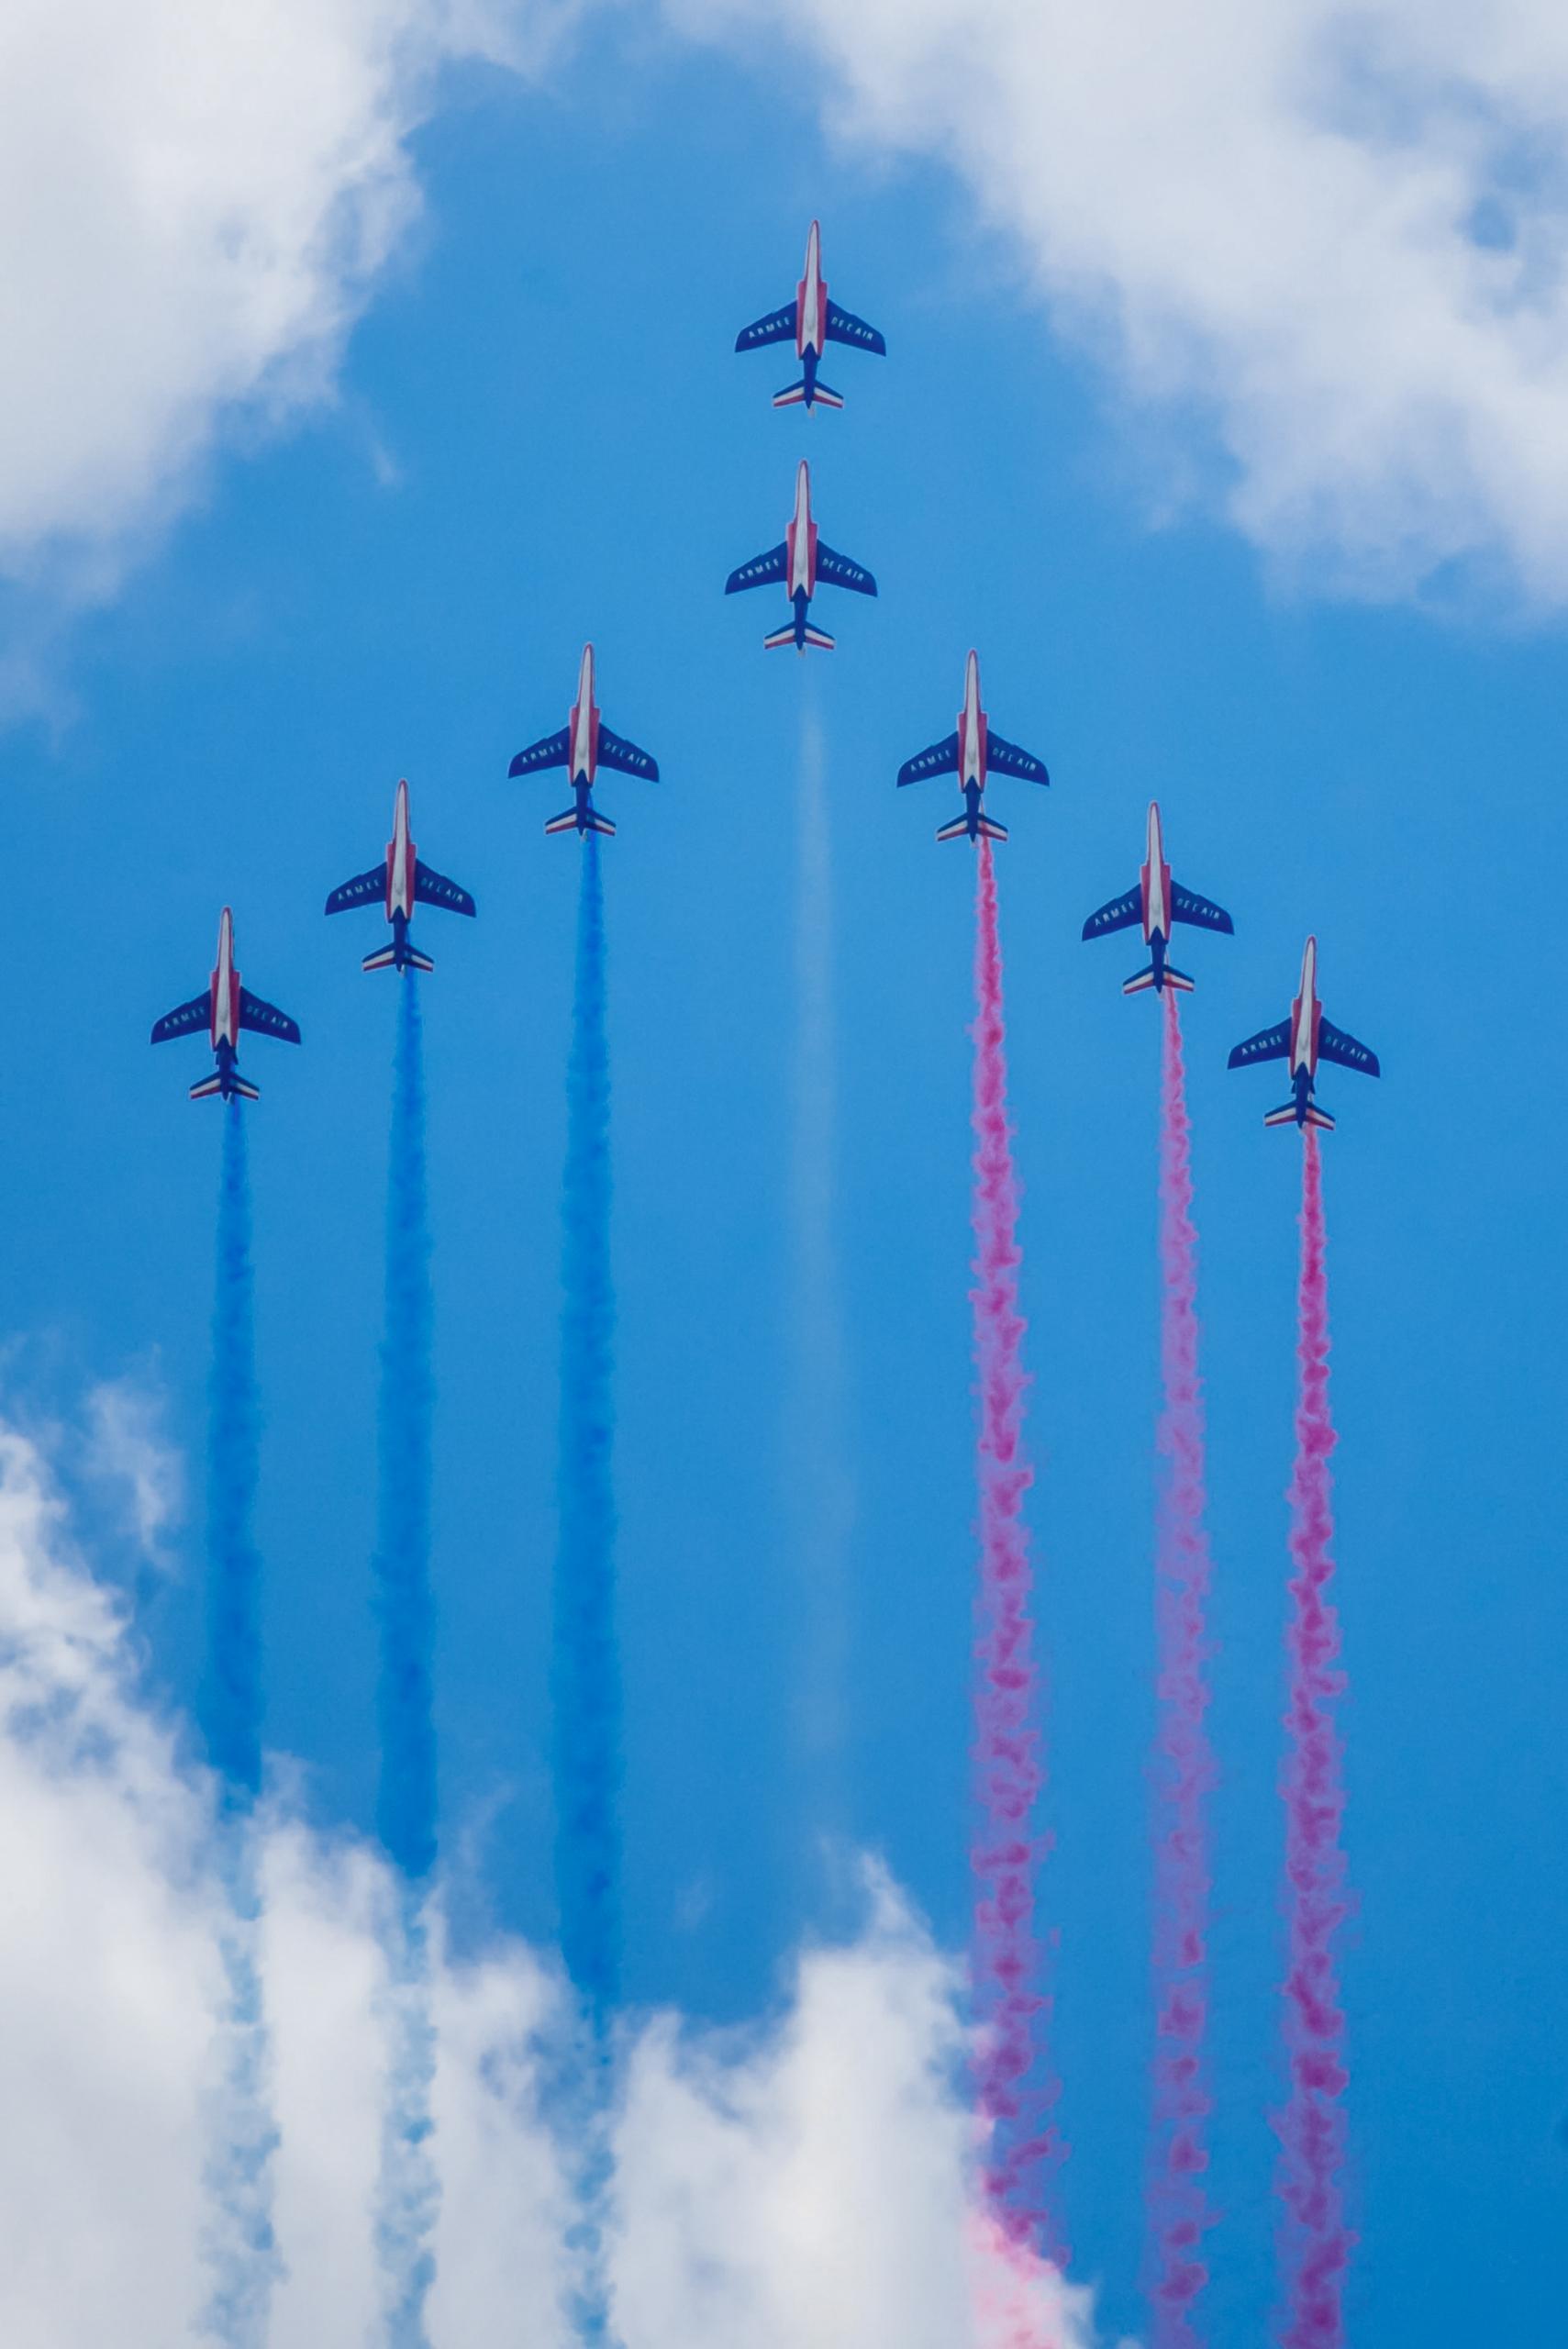 Patrouille de France - French Acrobatic Patrol